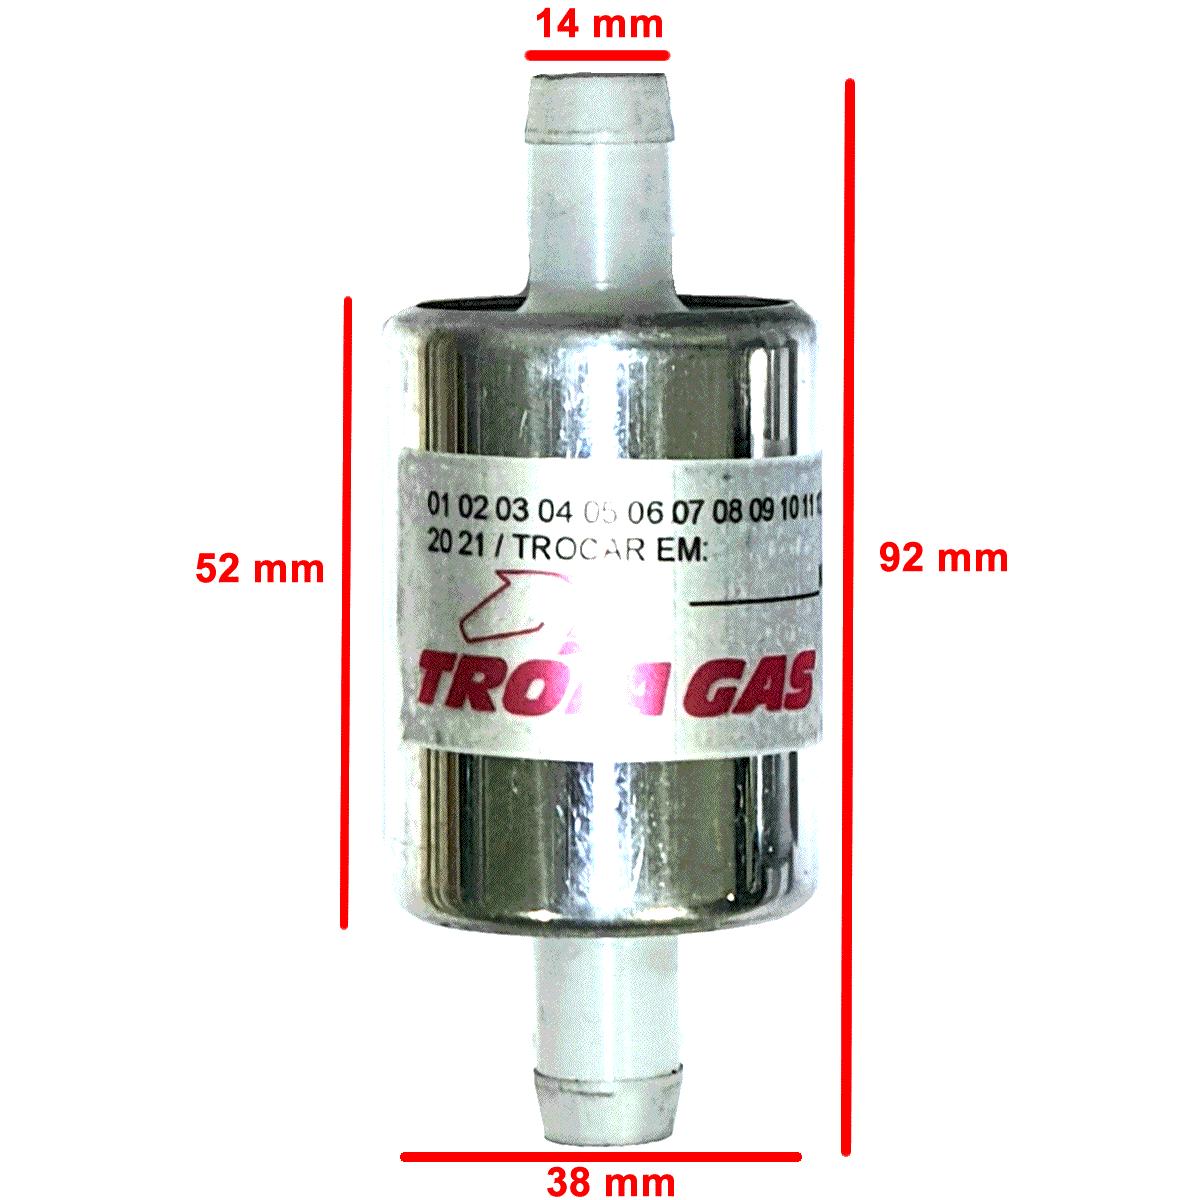 2 Filtros GNV 14 mm TROIAGAS 5ª e 6ª geração protege bicos Landi Renzo e Lovato